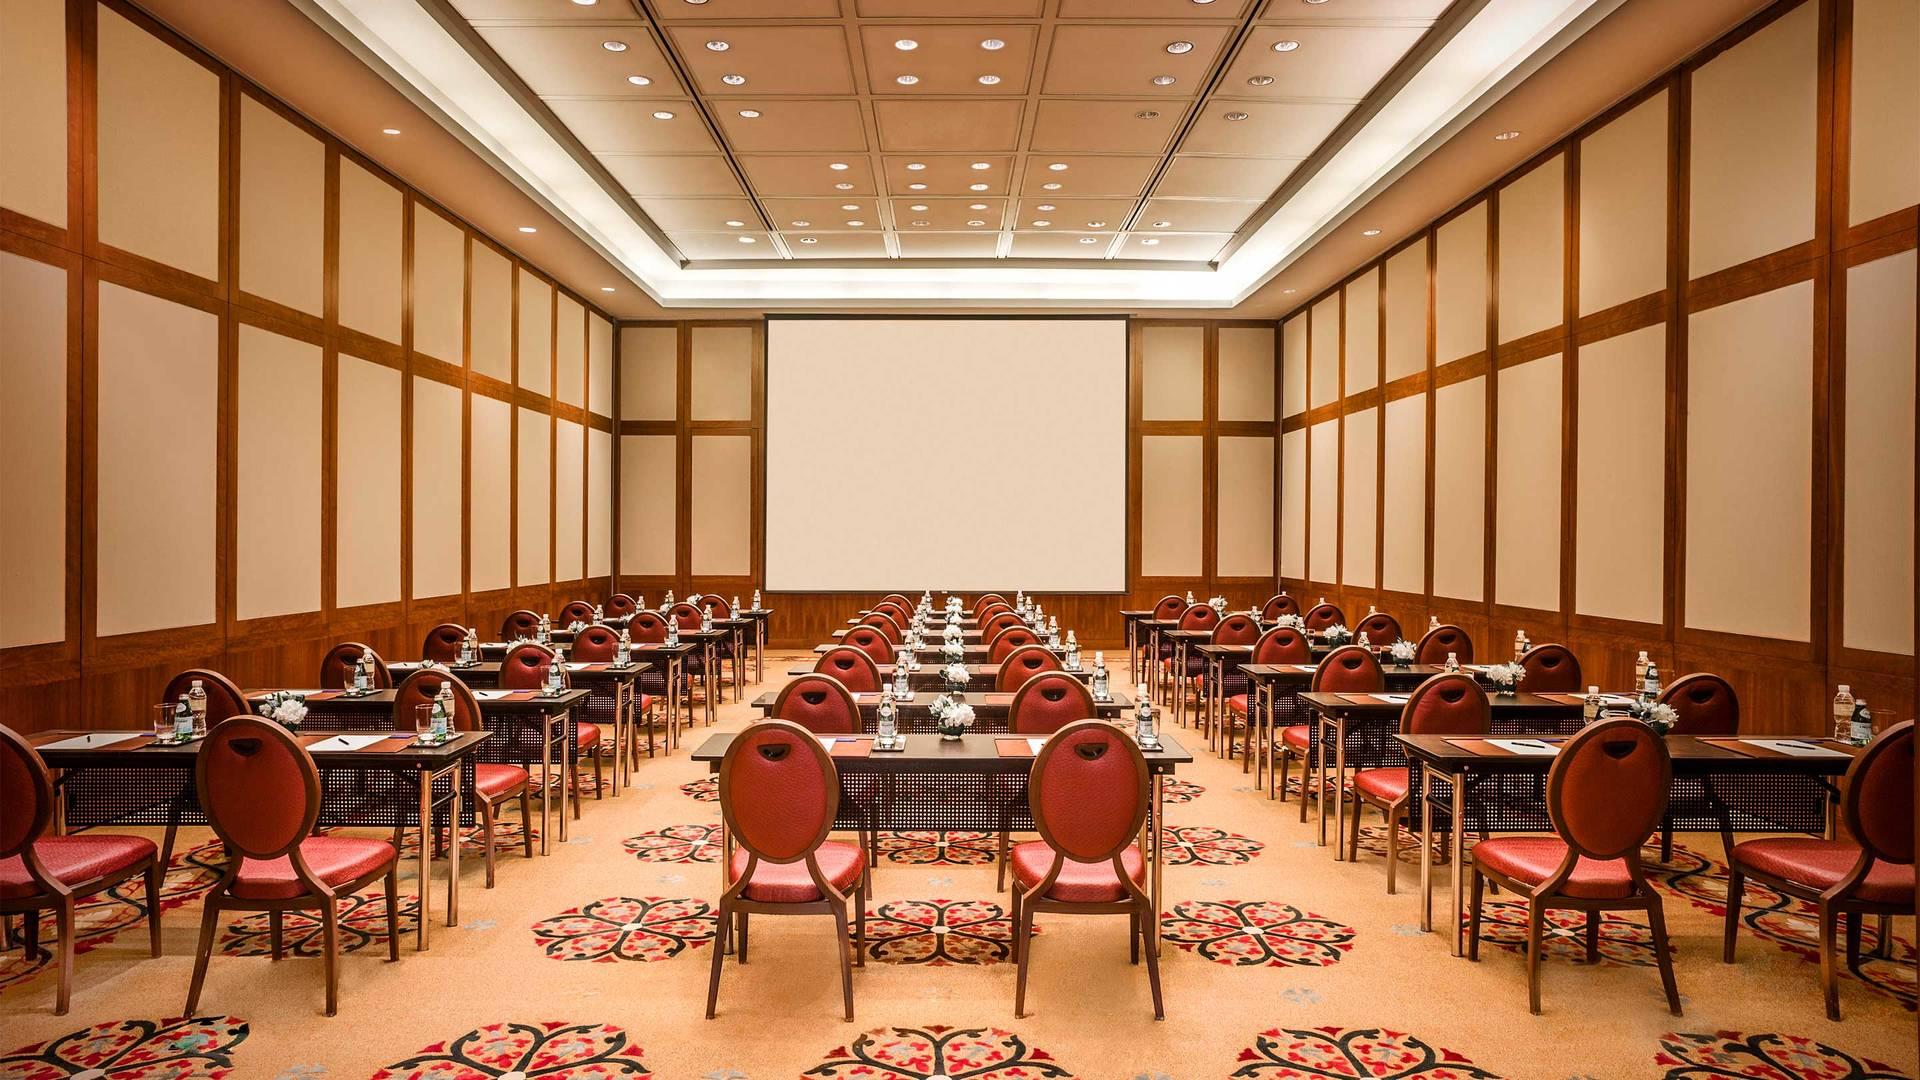 https://cdn.jumeirah.com/-/mediadh/DH/Hospitality/Jumeirah/Hotels/Kuwait/Jumeirah-Messilah-Beach-Hotel-and-Spa/Meeting-Rooms/Messilah-Ballroom/169JumeirahMessilahfront-BeachHotelSpaMessilahBallroom2_landscape.jpg?h=1080&w=1920&hash=7B66814863CD28F594C588DEE55B7663